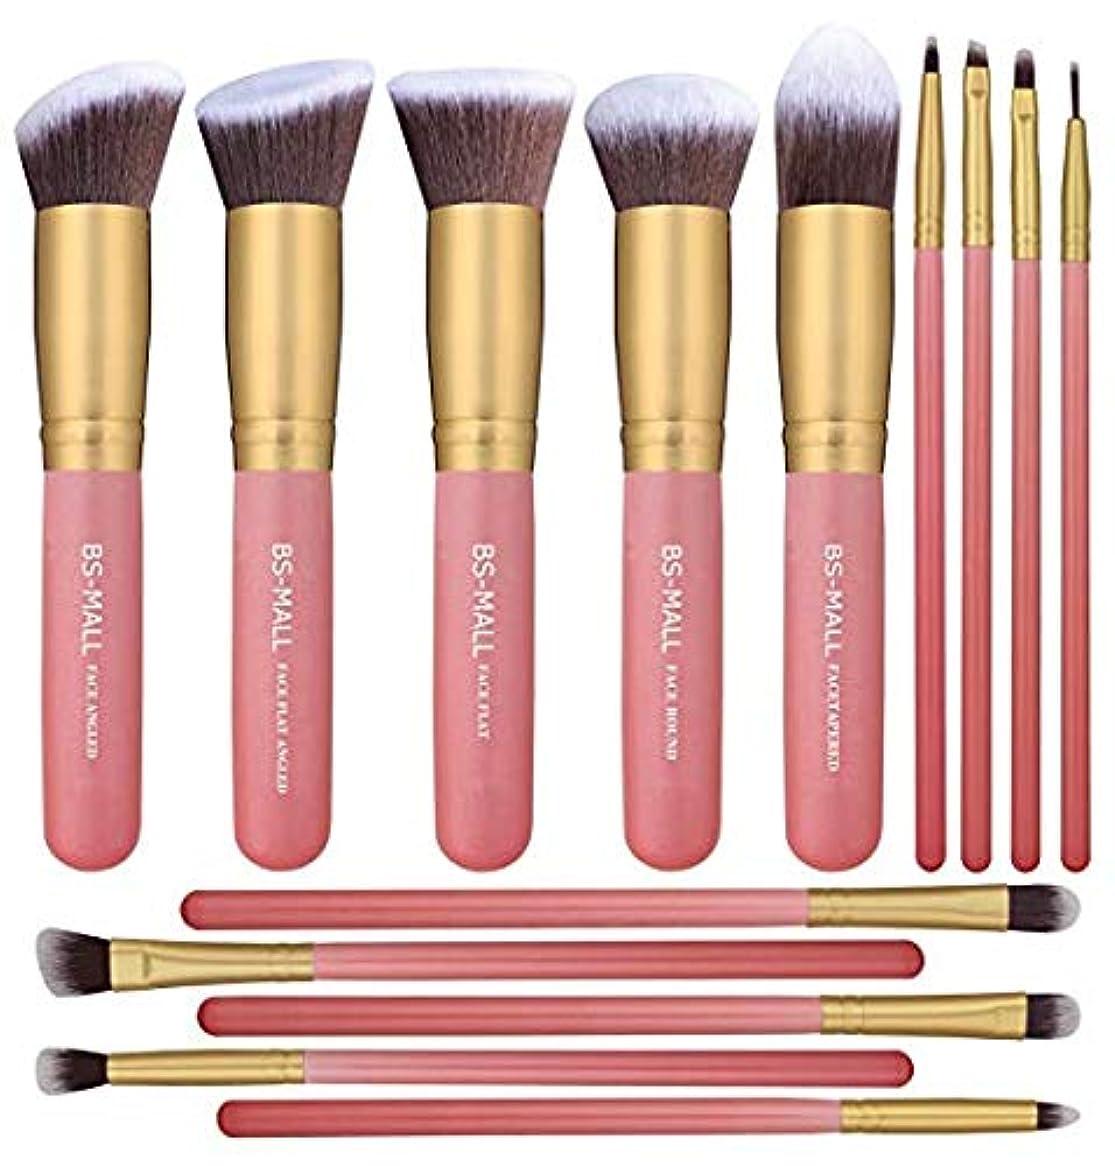 日人工させるBS-MALL メイクアップブラシ 14本セット 14 Pcs Makeup Brushes Premium Synthetic Kabuki Makeup Brush Set Cosmetics Foundation...